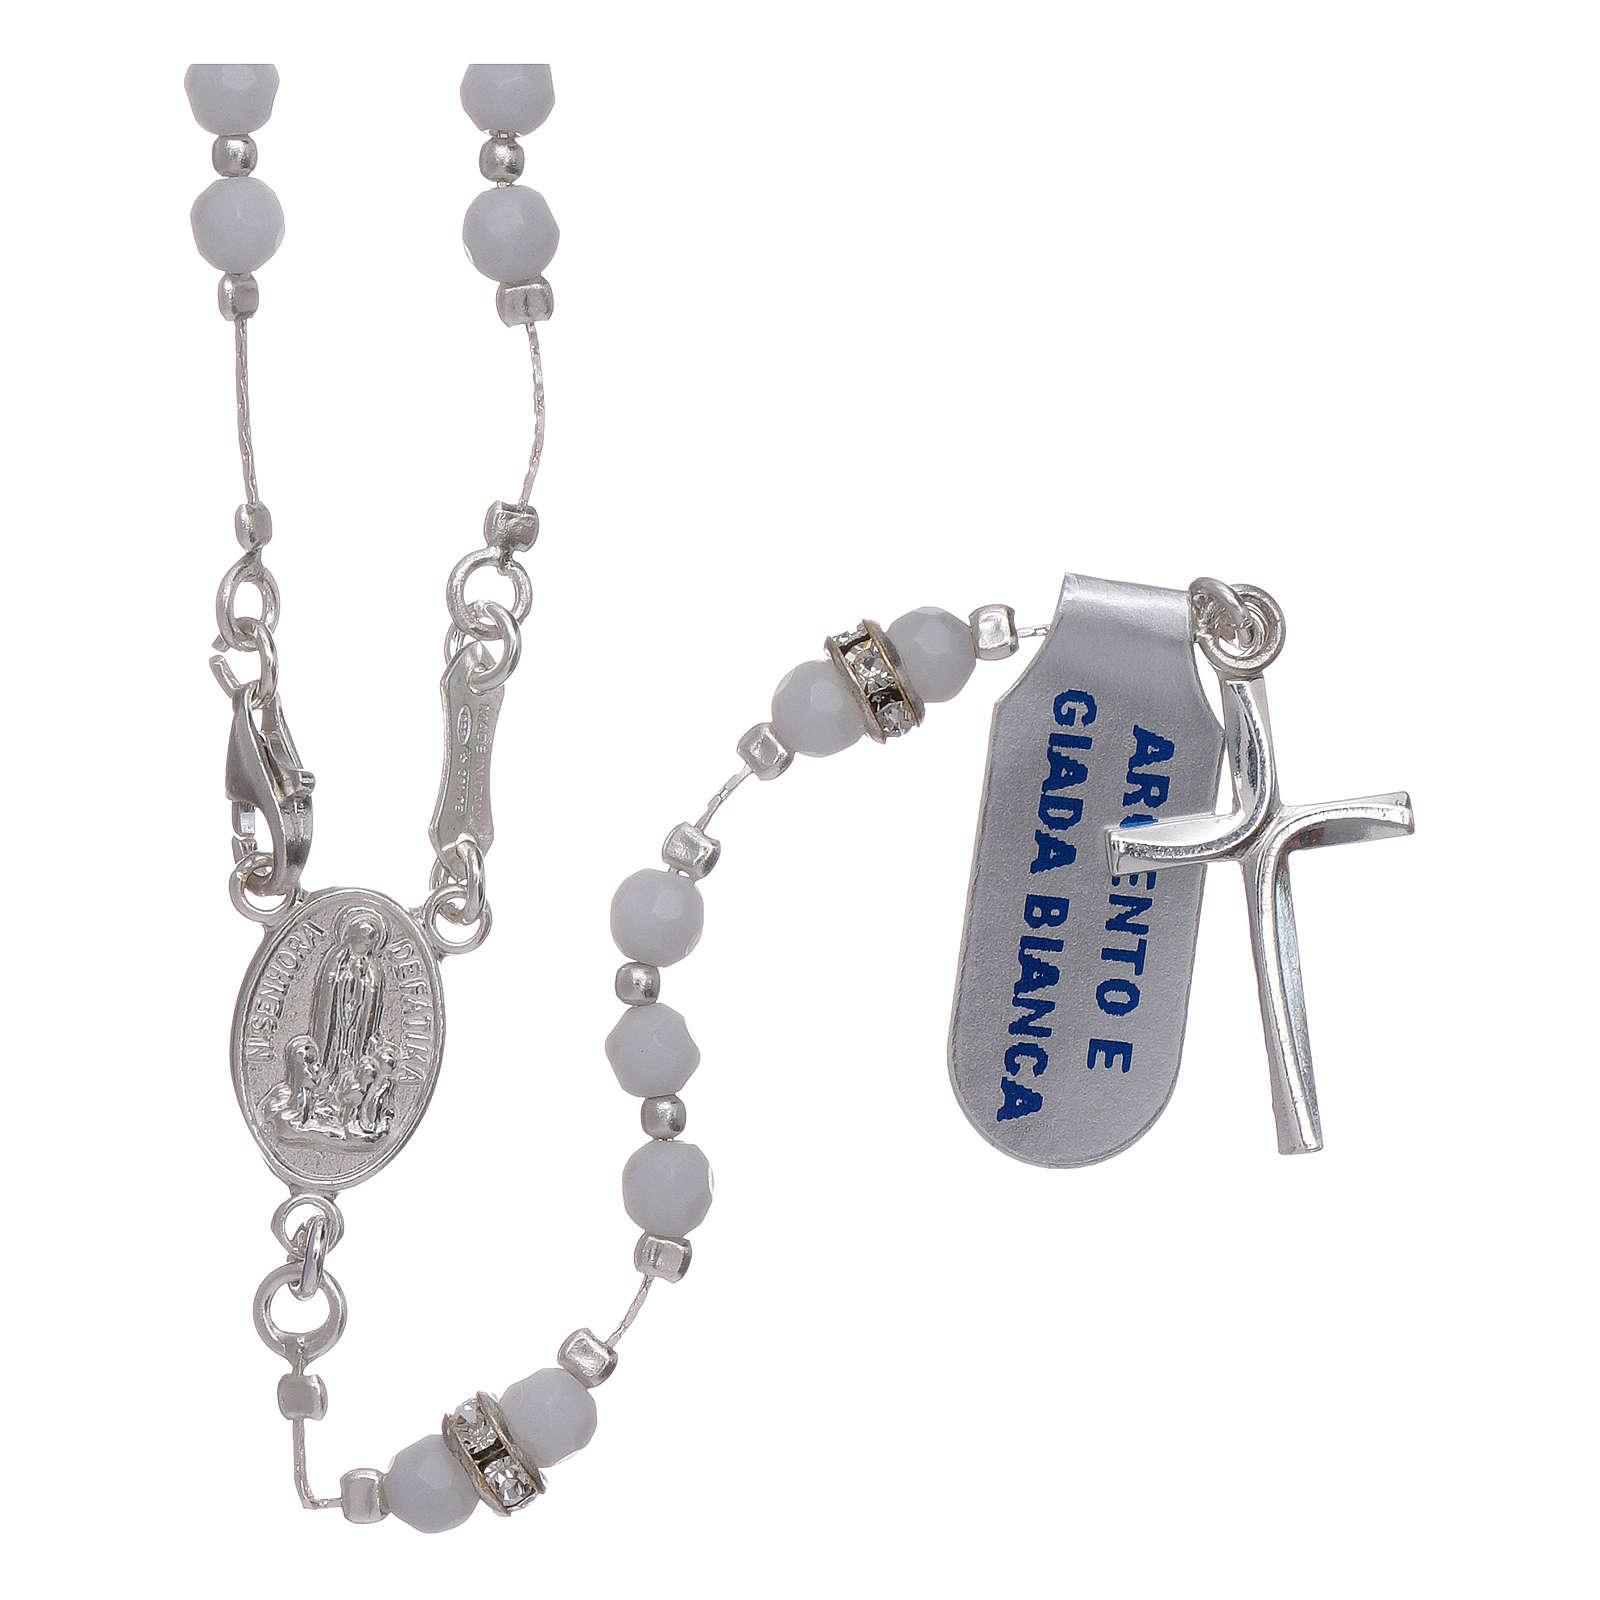 Chapelet centenaire Notre-Dame de Fatima argent 925 et jade blanche 4